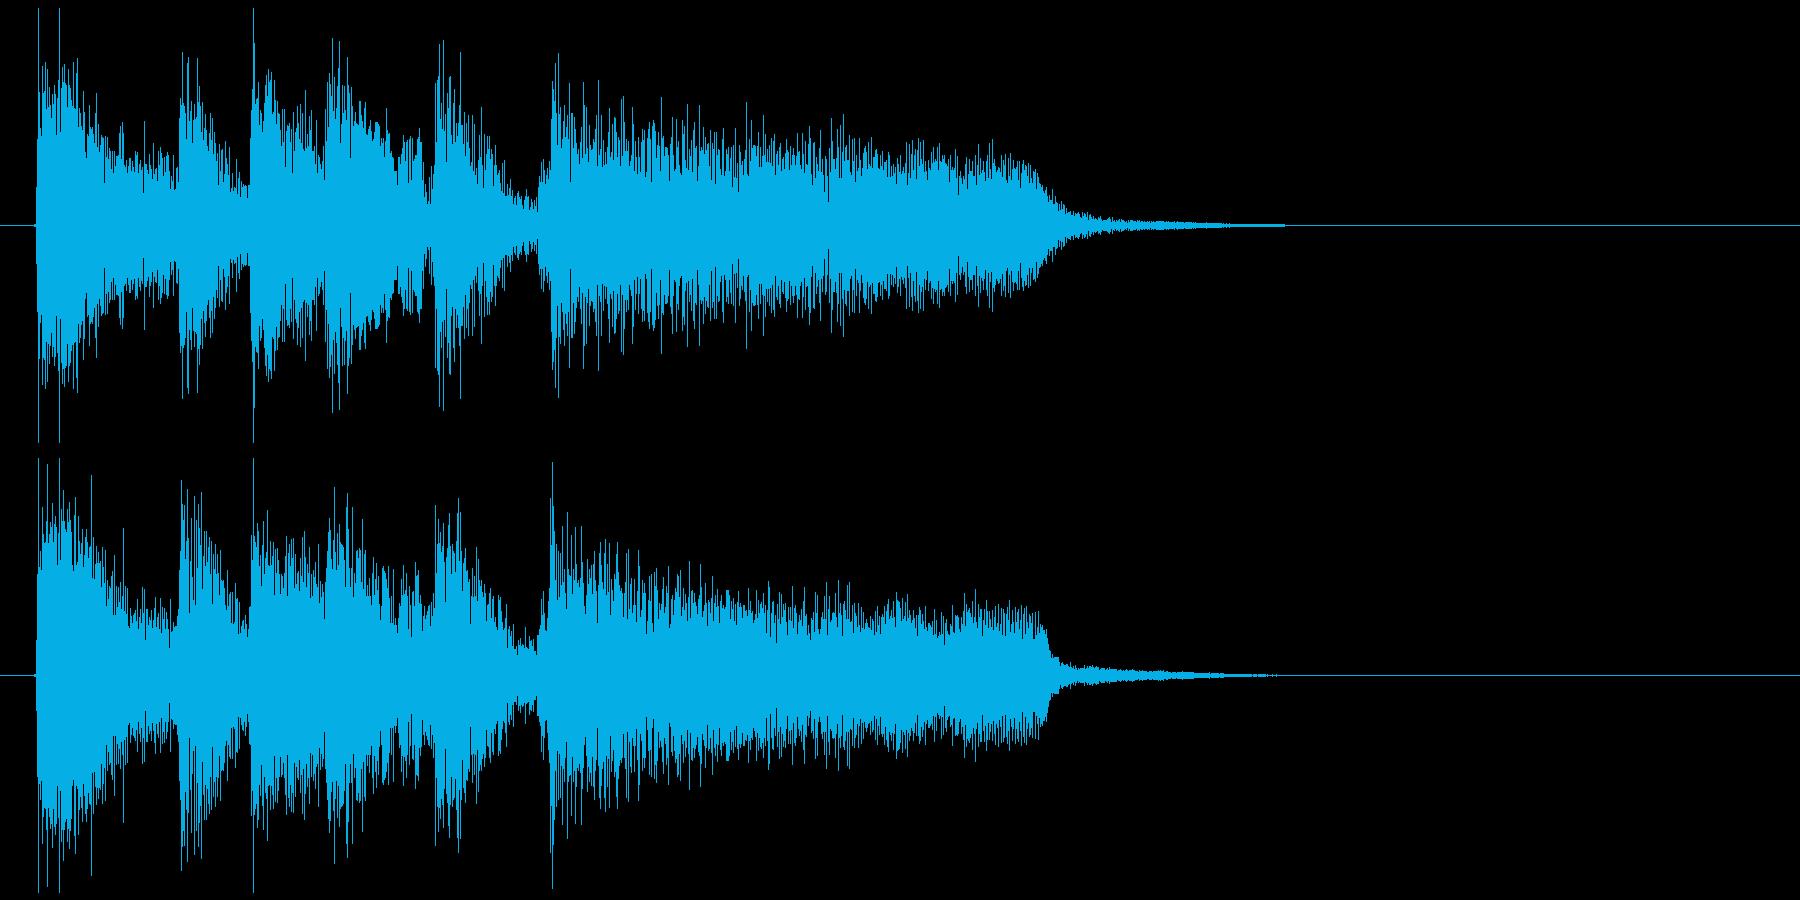 結果発表にブラス、ジャズ系のサウンドロゴの再生済みの波形